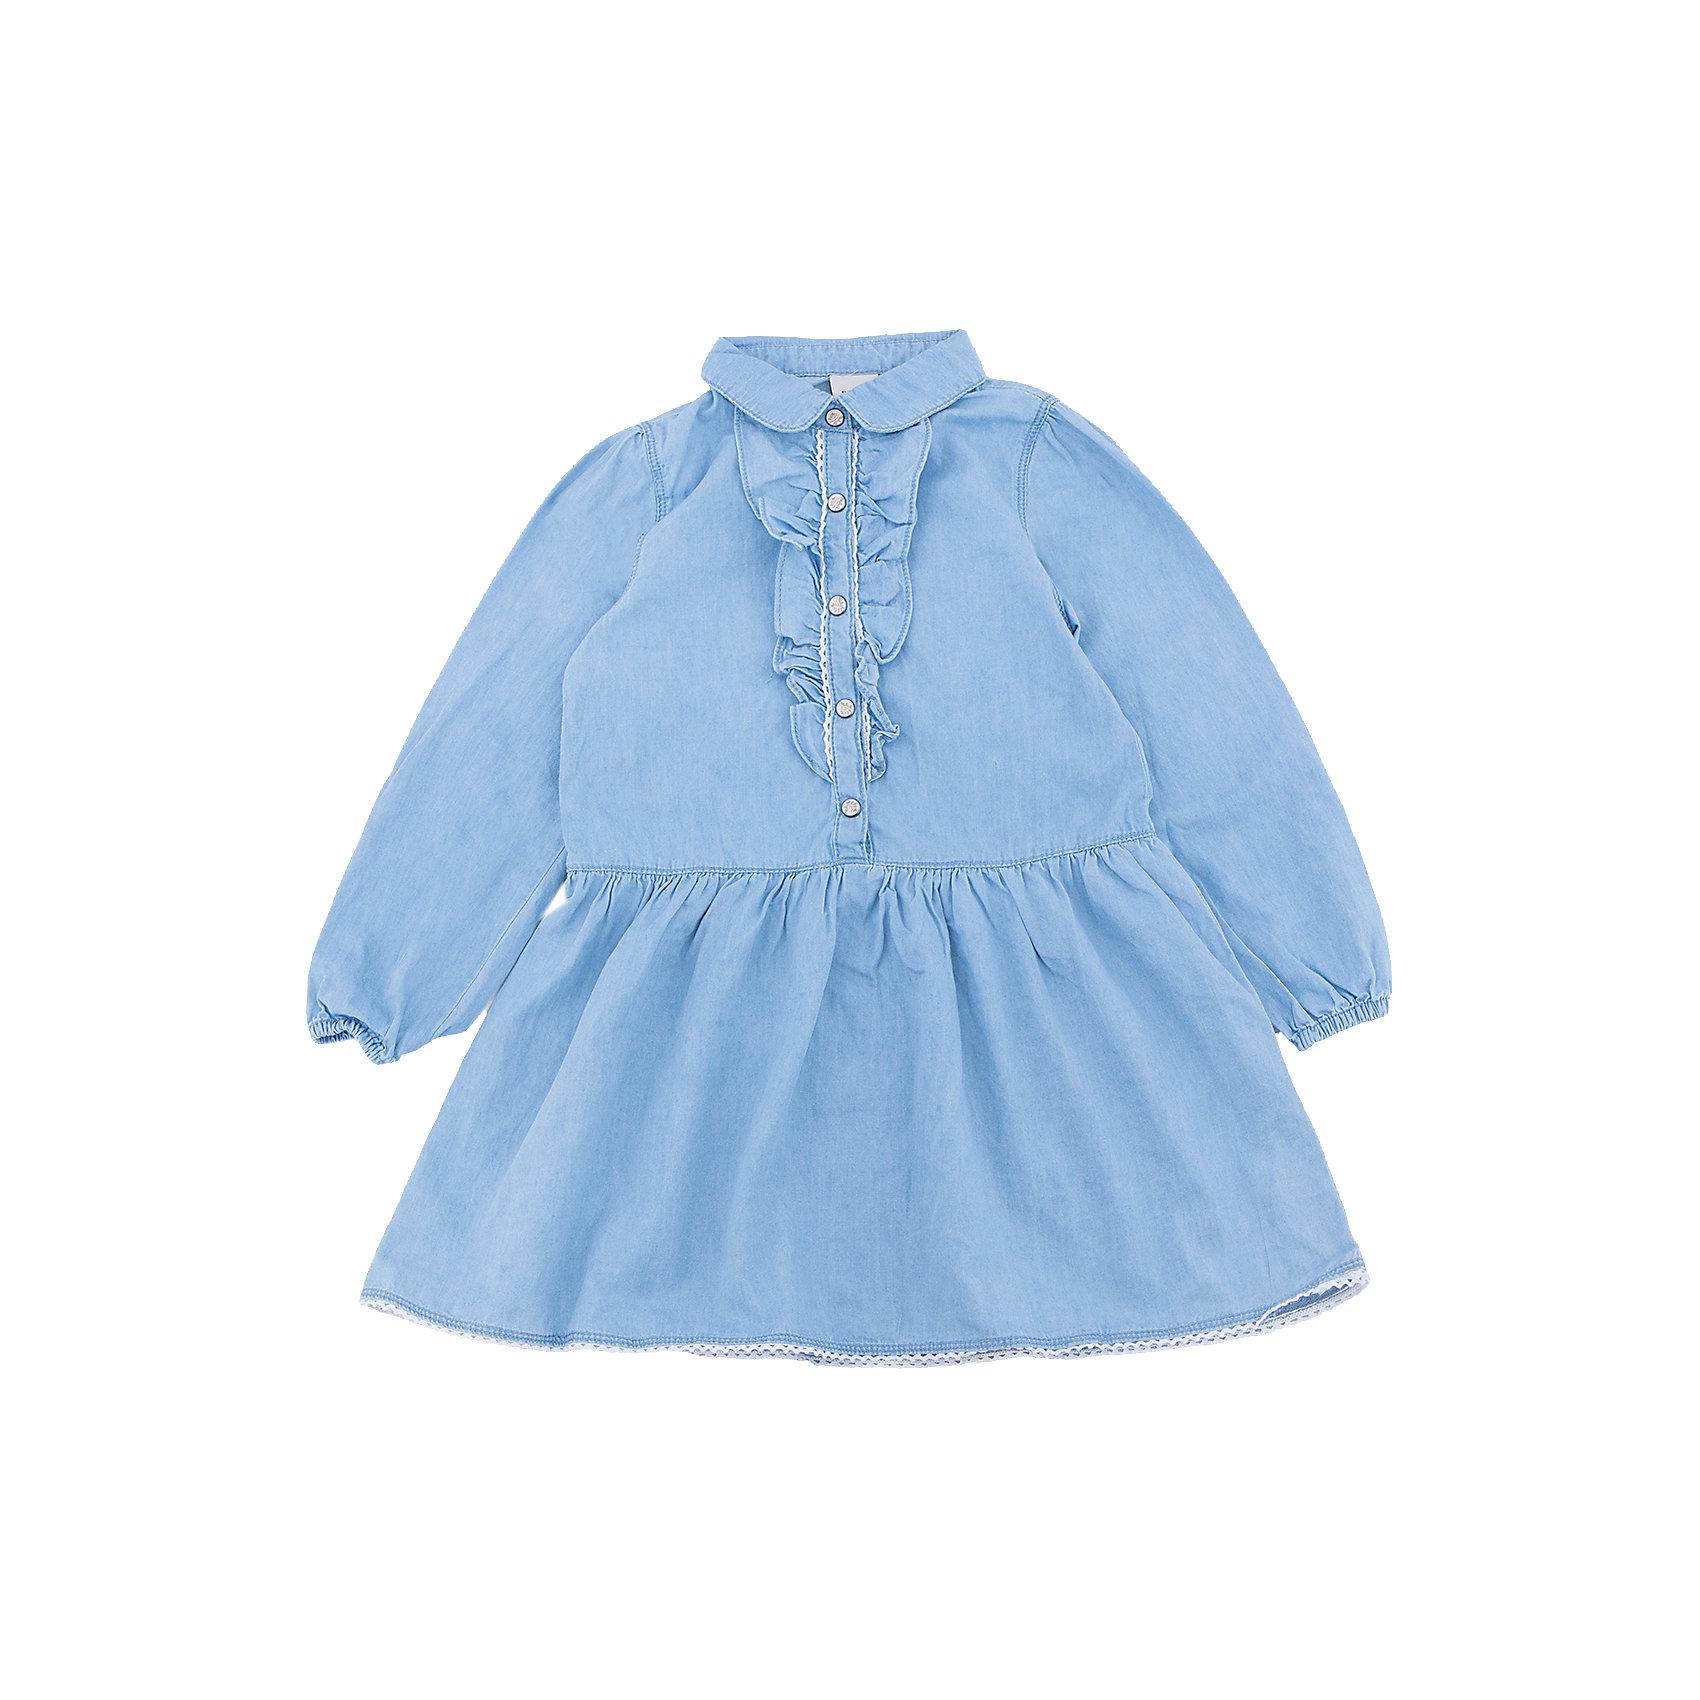 Платье джинсовое для девочки SELAДжинсовая одежда<br>Характеристики товара:<br><br>• цвет: синий джинс<br>• сезон: лето, демисезон<br>• состав: 100% хлопок<br>• декорировано оборками<br>• длина выше колена<br>• длинные рукава<br>• страна бренда: Россия<br><br>В новой коллекции SELA отличные модели одежды! Это платье для девочки поможет разнообразить гардероб ребенка и обеспечить комфорт. Оно отлично сочетается с различной обувью. <br><br>Одежда, обувь и аксессуары от российского бренда SELA не зря пользуются большой популярностью у детей и взрослых! Модели этой марки - стильные и удобные, цена при этом неизменно остается доступной. Для их производства используются только безопасные, качественные материалы и фурнитура.<br><br>Платье для девочки от популярного бренда SELA (СЕЛА) можно купить в нашем интернет-магазине.<br><br>Ширина мм: 236<br>Глубина мм: 16<br>Высота мм: 184<br>Вес г: 177<br>Цвет: синий деним<br>Возраст от месяцев: 60<br>Возраст до месяцев: 72<br>Пол: Женский<br>Возраст: Детский<br>Размер: 116,98,104,110<br>SKU: 5305257